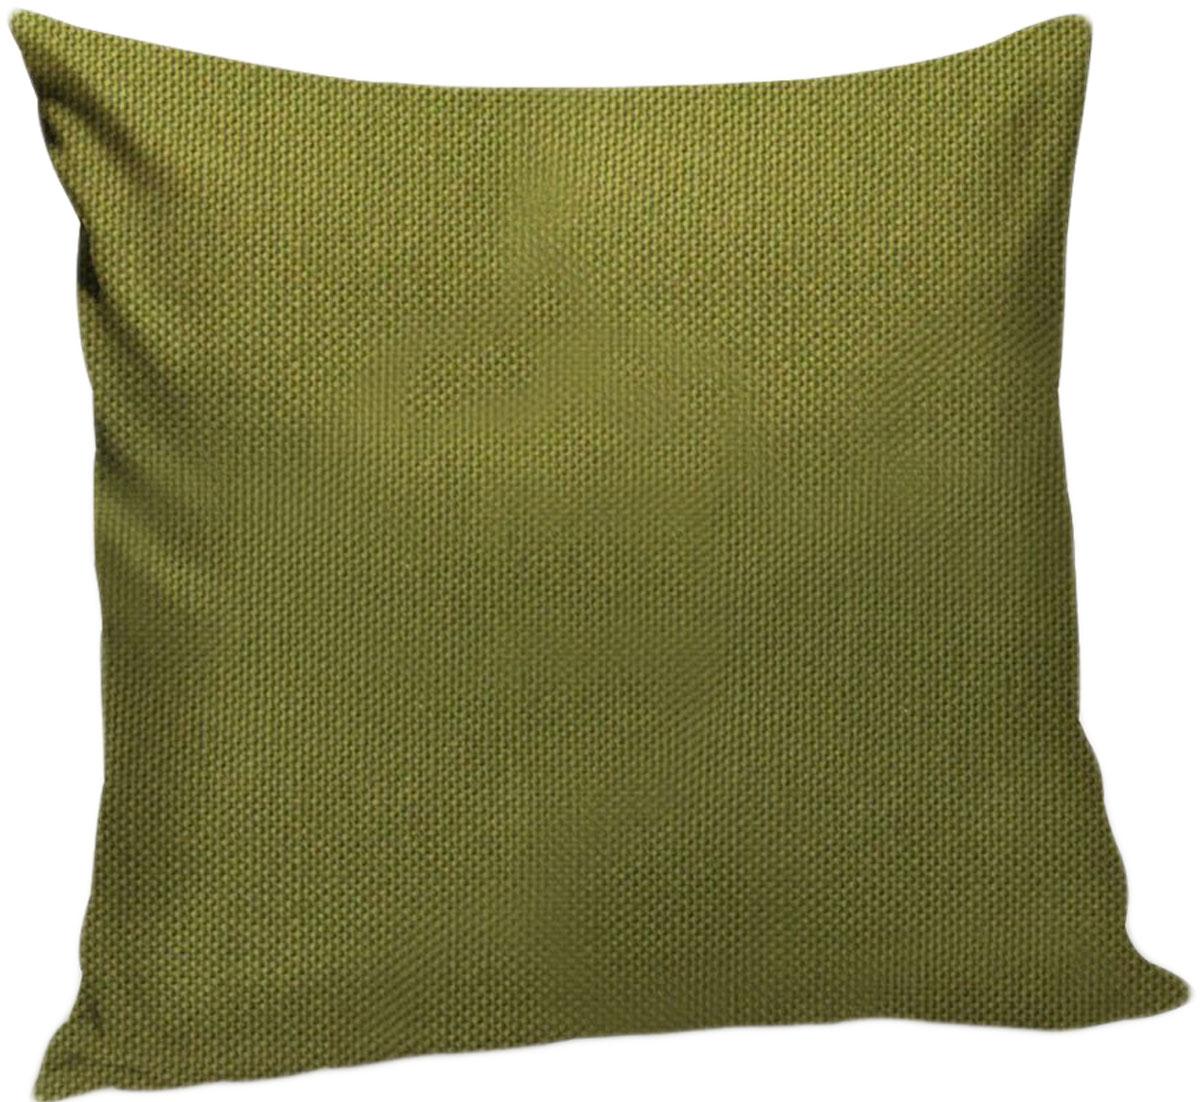 Подушка декоративная KauffOrt Комо, цвет: темно-зеленый, 40 x 40 см3121540186Декоративная подушка Комо прекрасно дополнит интерьер спальни или гостиной. Чехолподушки выполнен из лонеты. Внутри находится мягкий наполнитель. Чехол легко снимаетсяблагодаря потайной молнии.